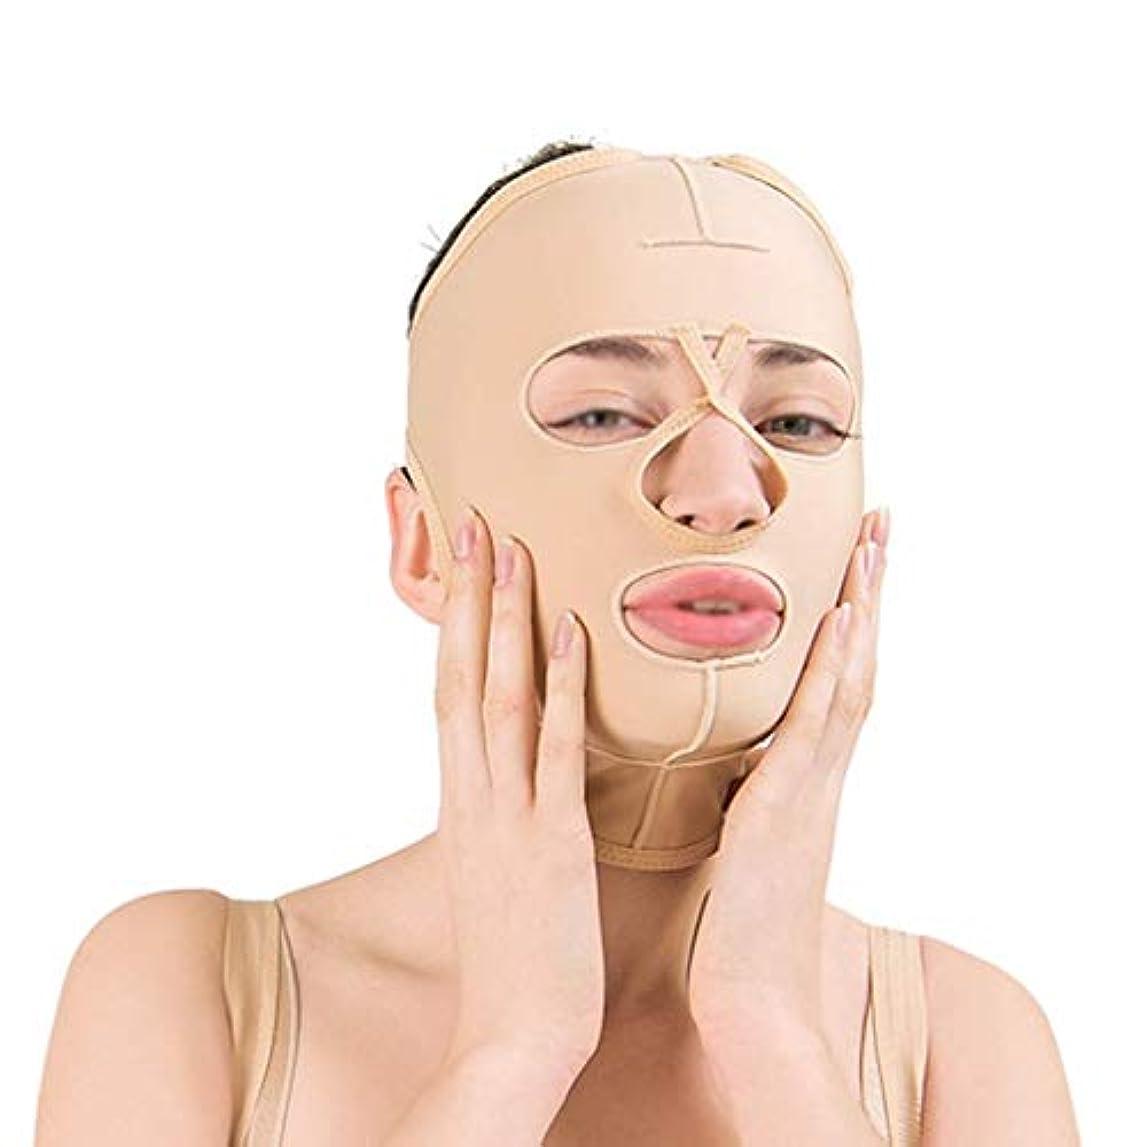 伝導未接続便益フェイススリミングマスク、フェイスバンデージ付きフェイシャル減量マスク、通気性フェイスリフト、引き締め、フェイスリフティング(サイズ:L),XL